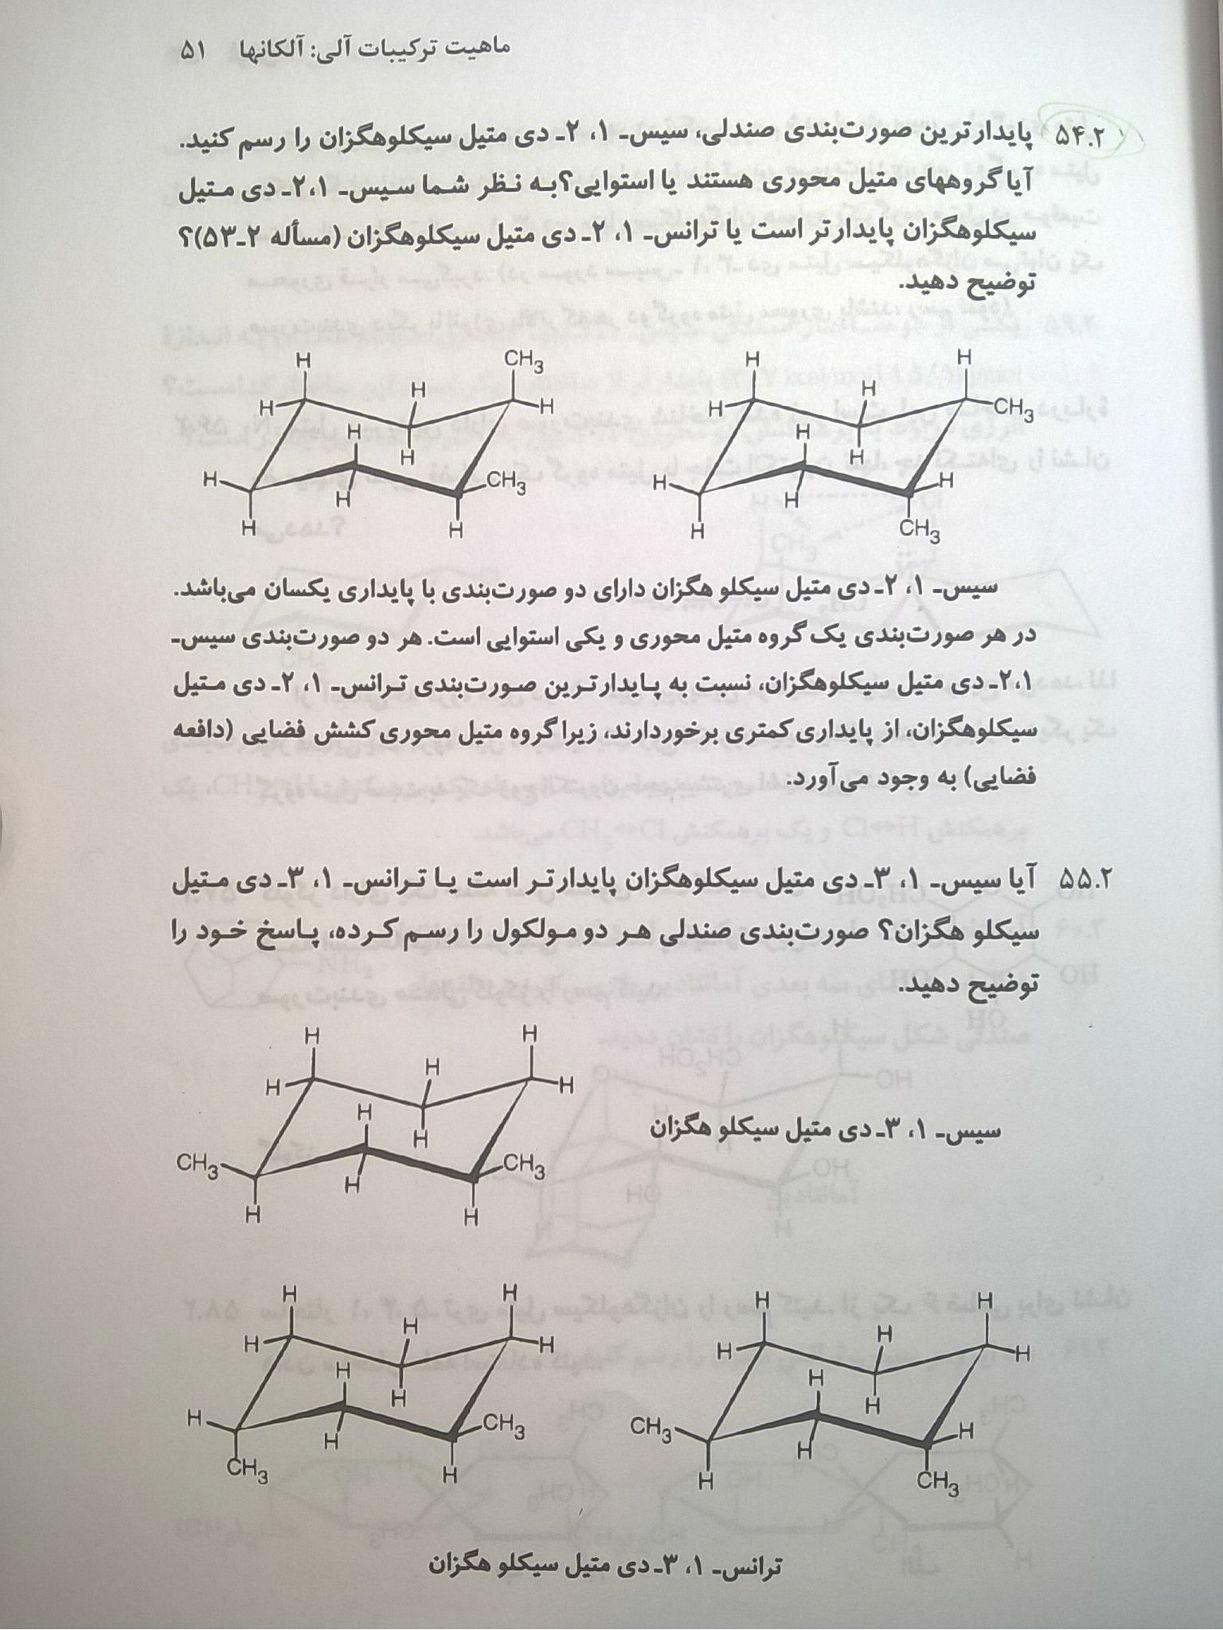 حل المسائل شیمی آلی مک موری1 فارسی